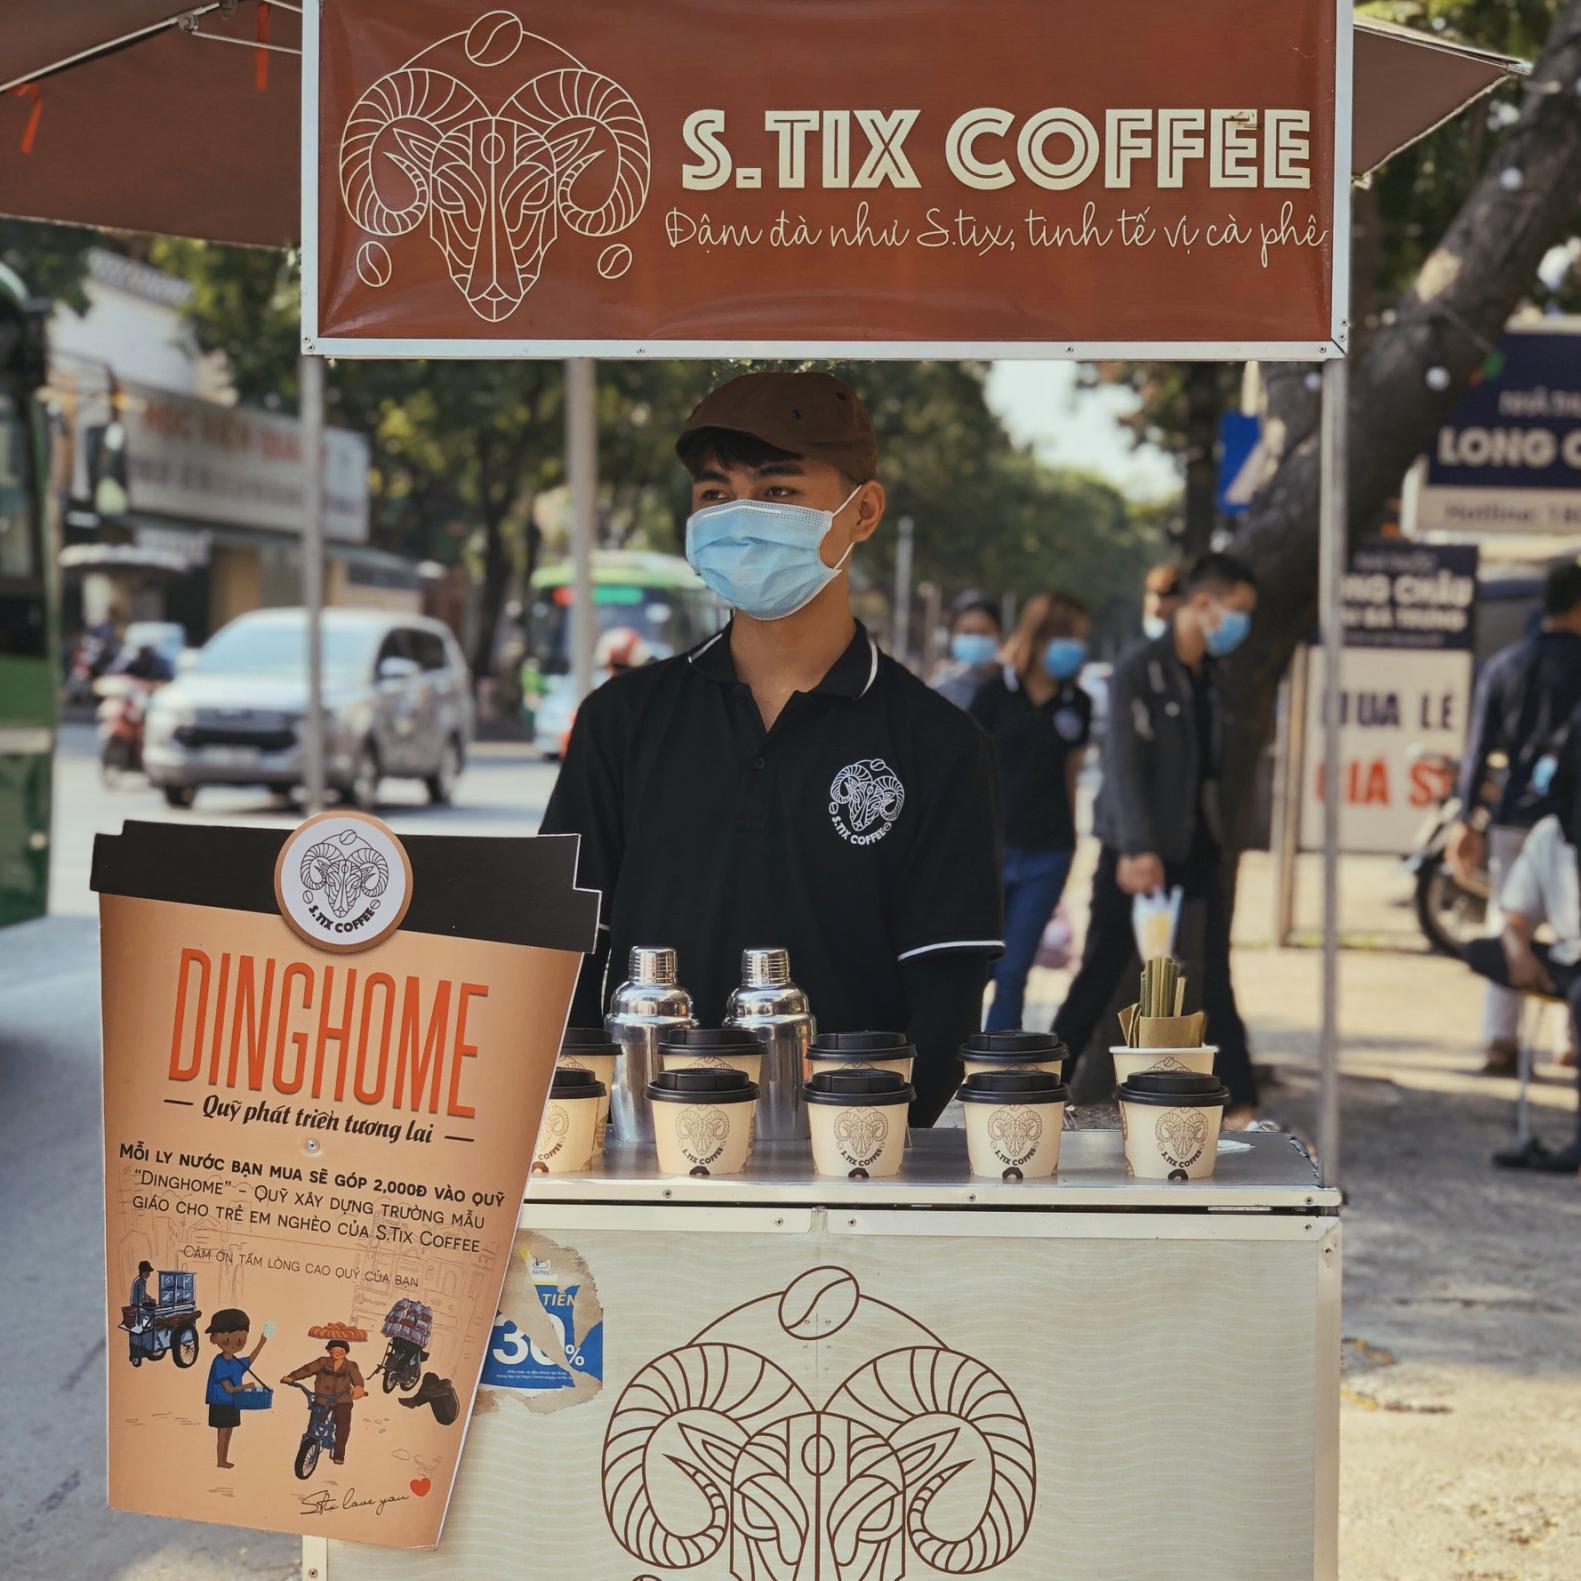 Cùng S.Tix Coffee lan tỏa các biện pháp phòng ngừa dịch bệnh Covid-19 - Ảnh 5.